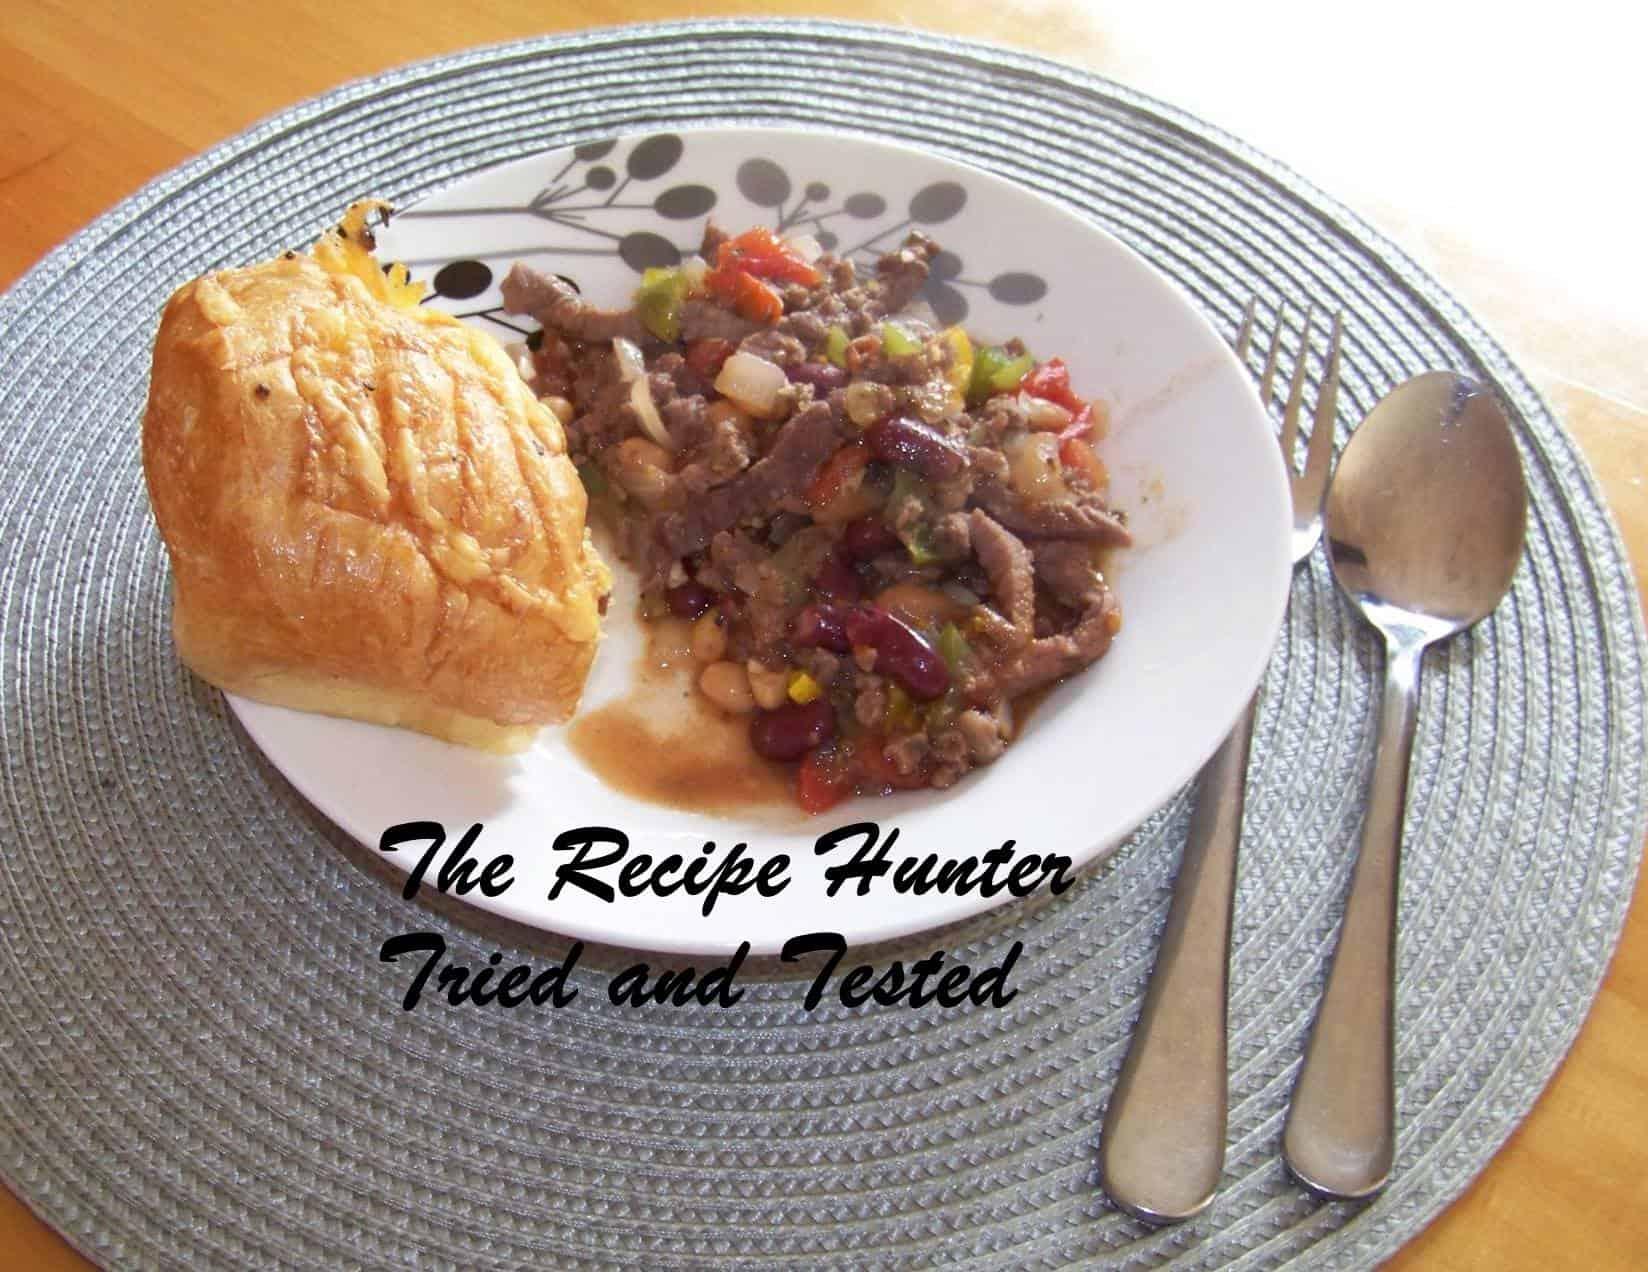 TRH Julia's Chilli Con Carne